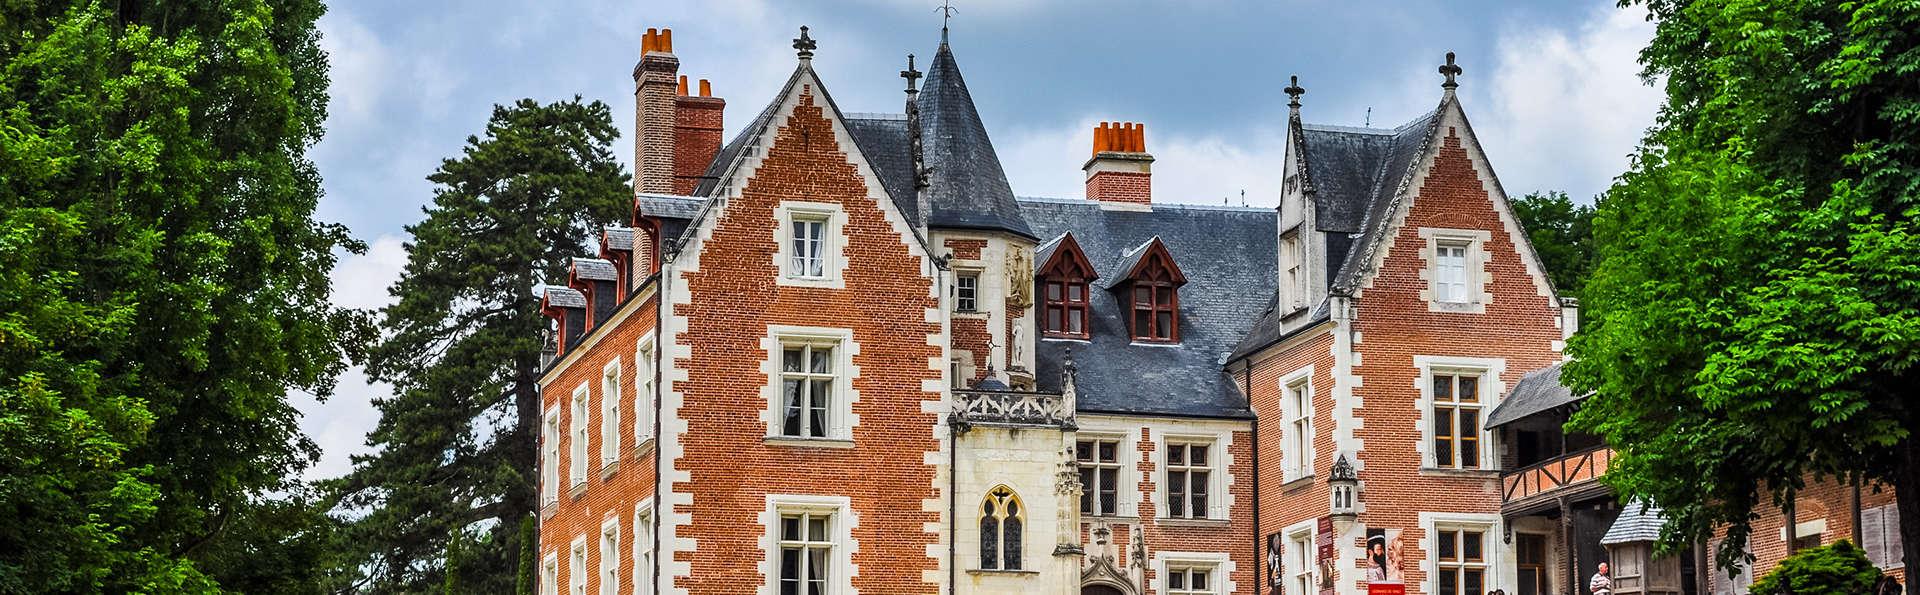 Week-end gourmand à la découverte du château du Clos Lucé à Amboise